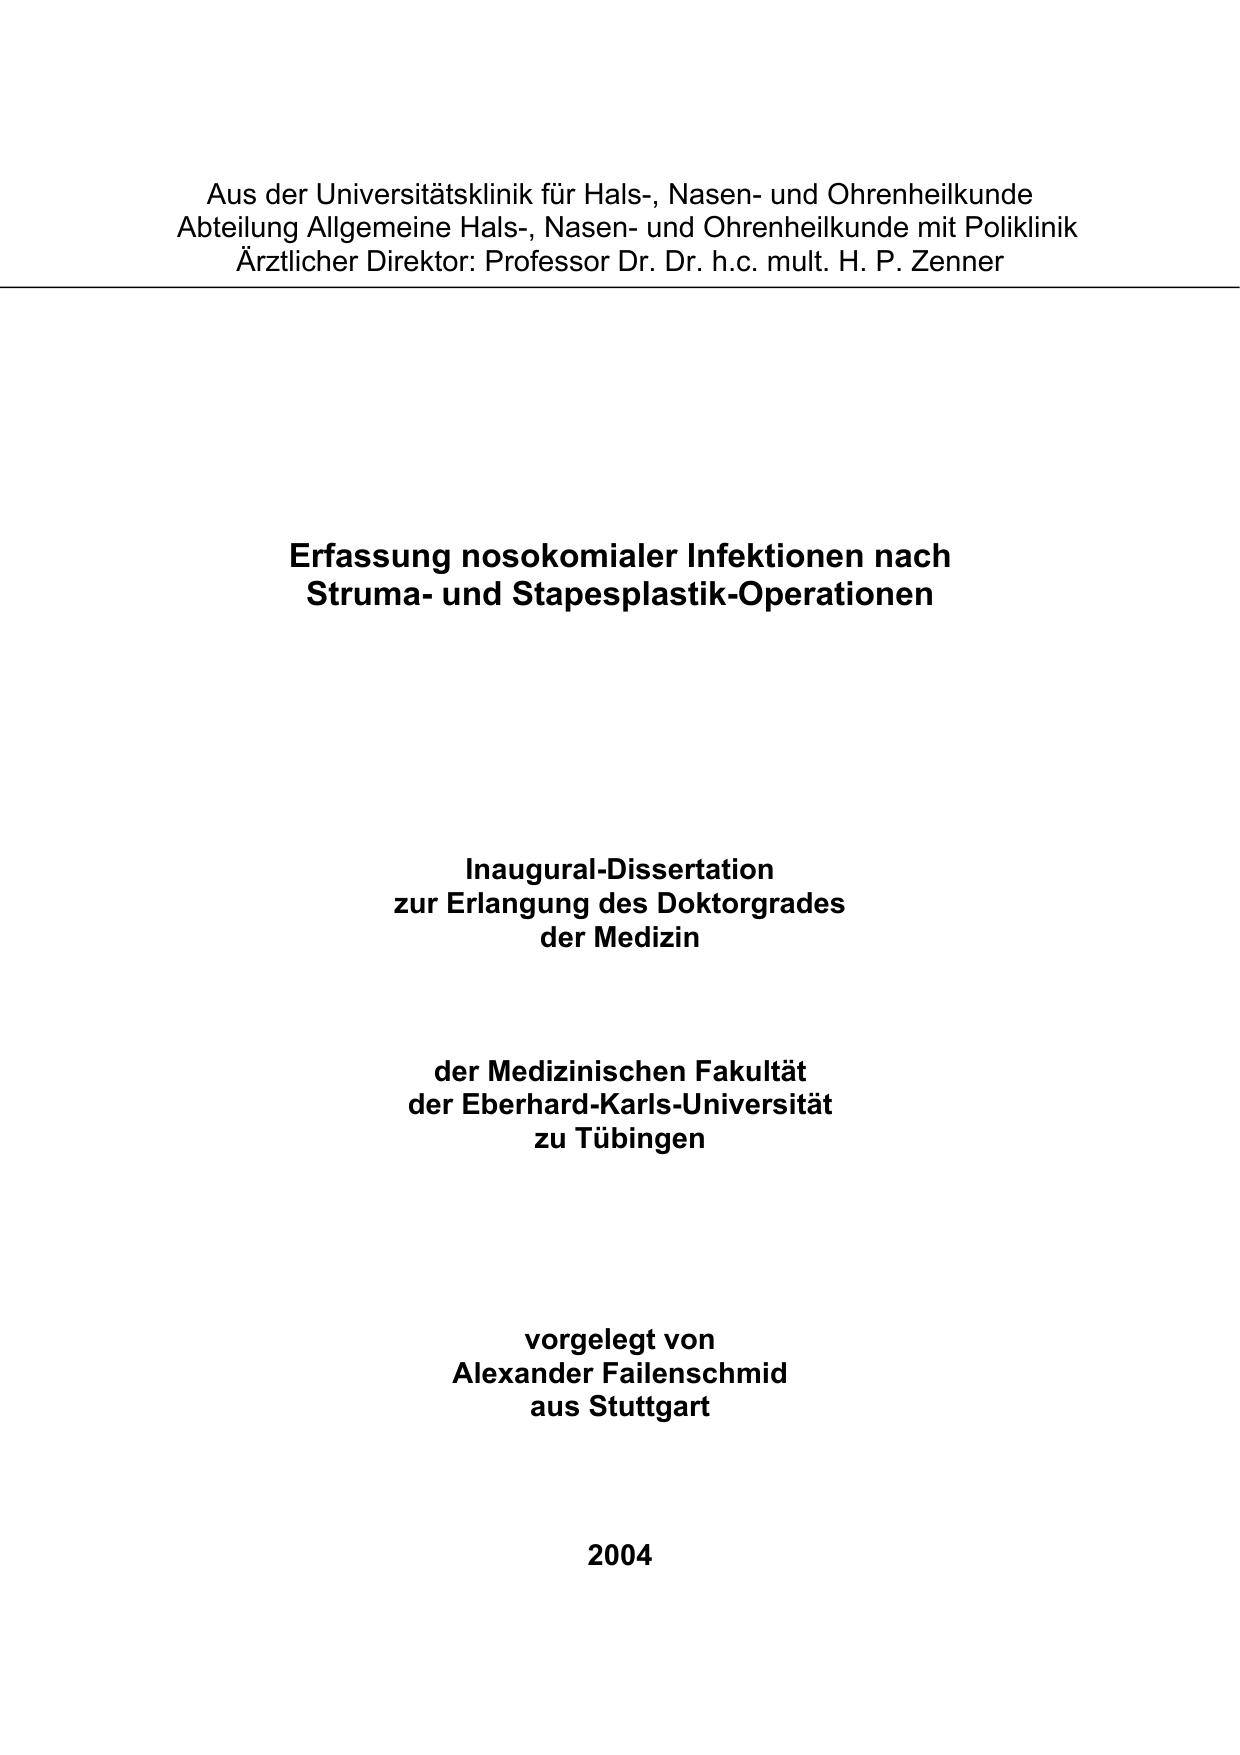 Niedlich Ausstellung Etikettenvorlage Galerie - Beispiel Anschreiben ...